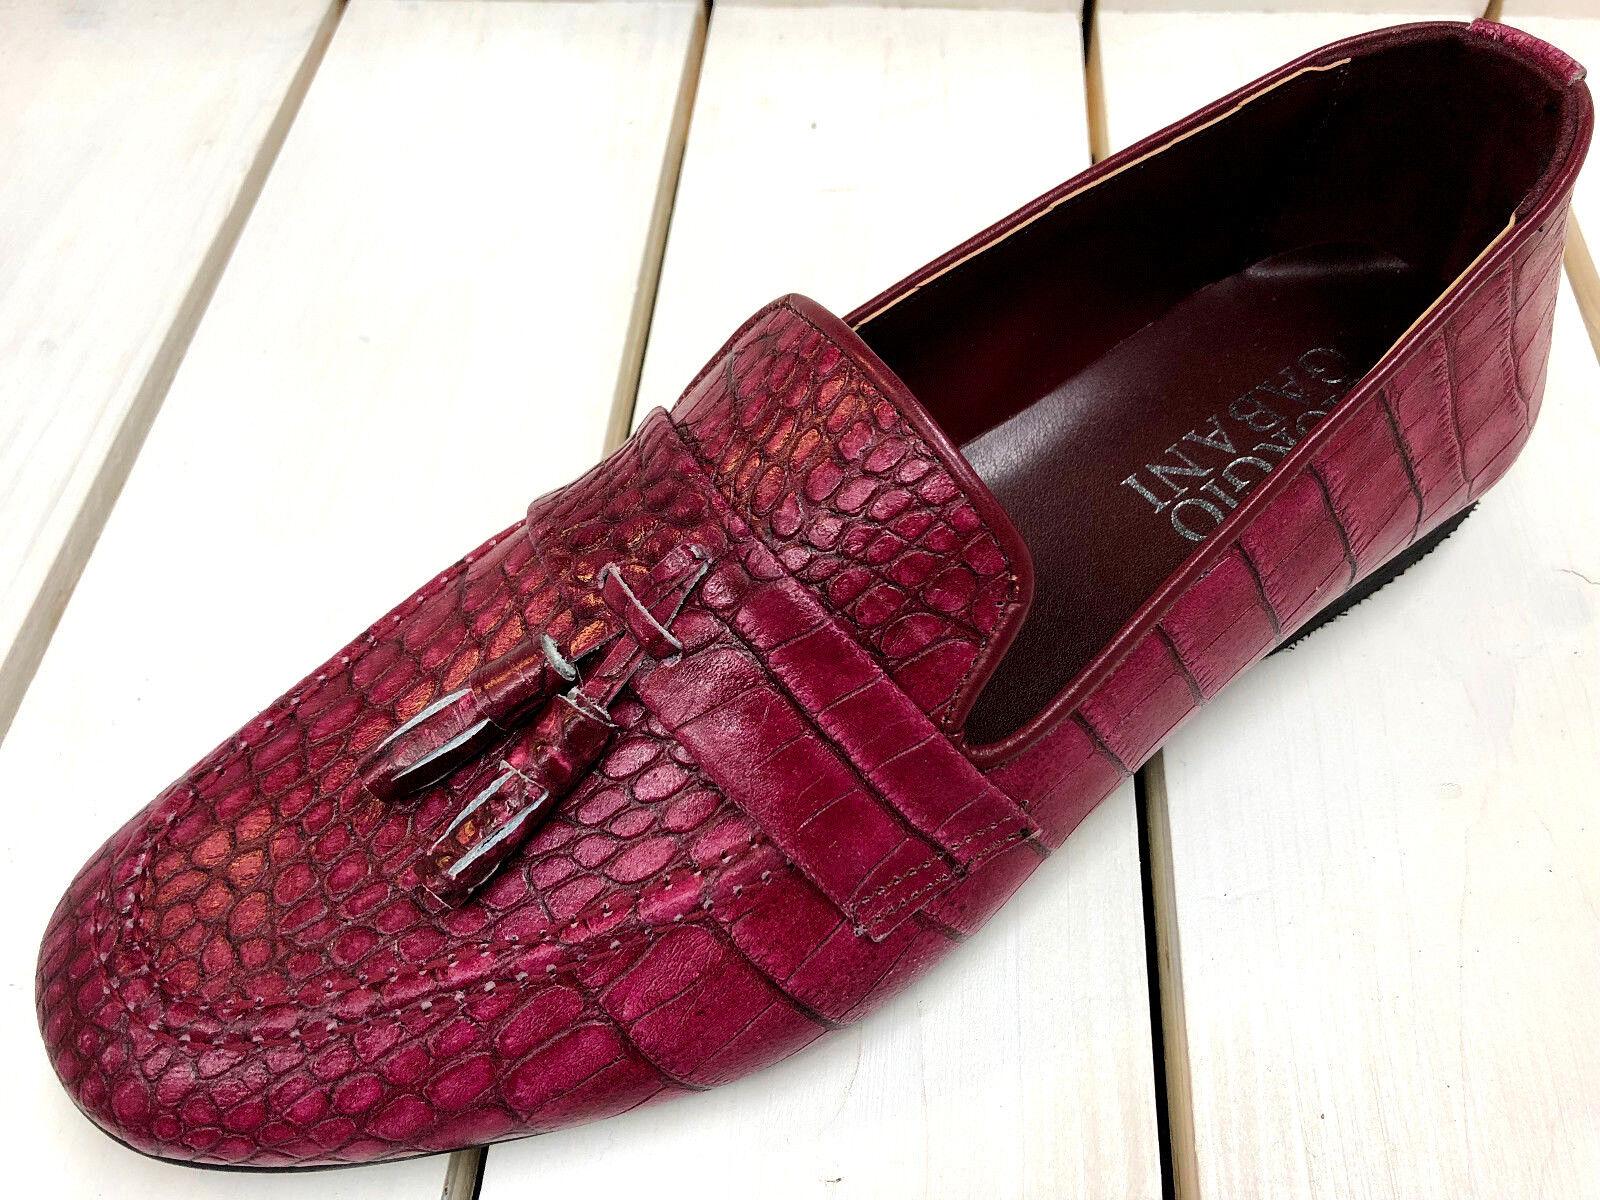 Giorgio GABANI Pantoufles Bordeaux Mocassin Mocassins veau veau Mocassins cuir Chaussures hommes 39 b201c1